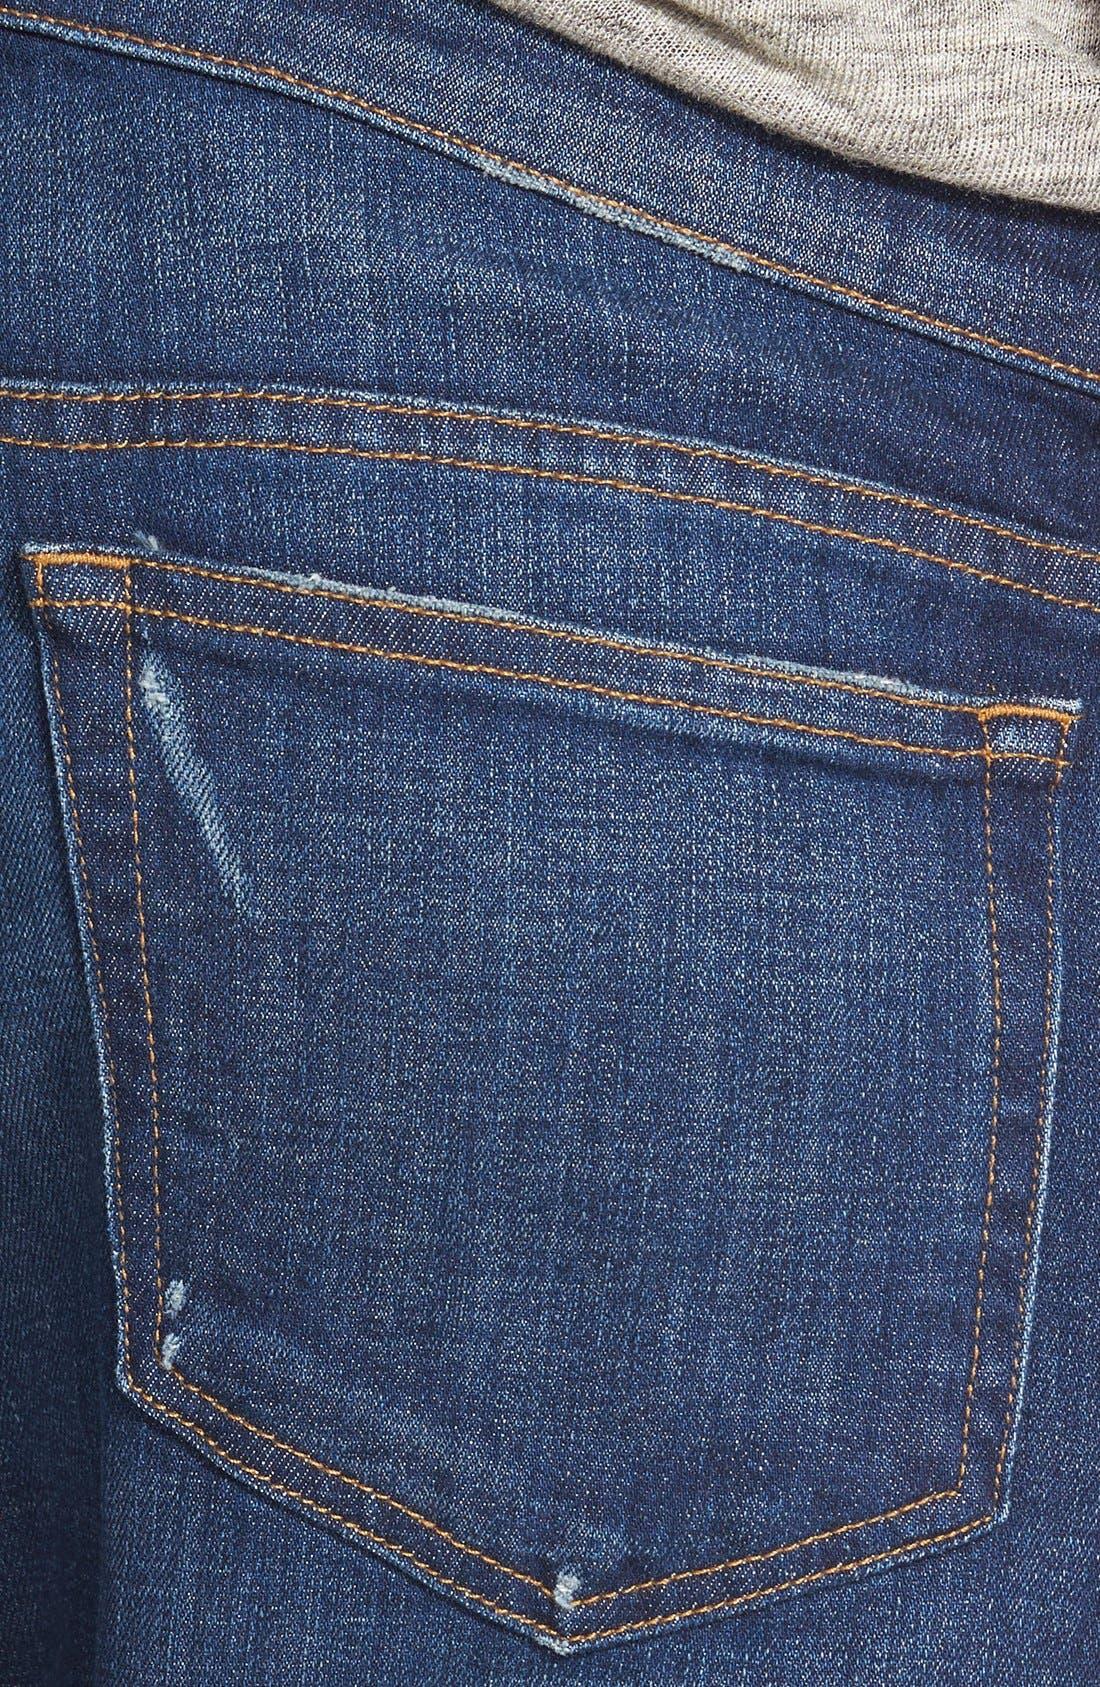 L'Homme Slim Fit Jeans,                             Alternate thumbnail 11, color,                             420